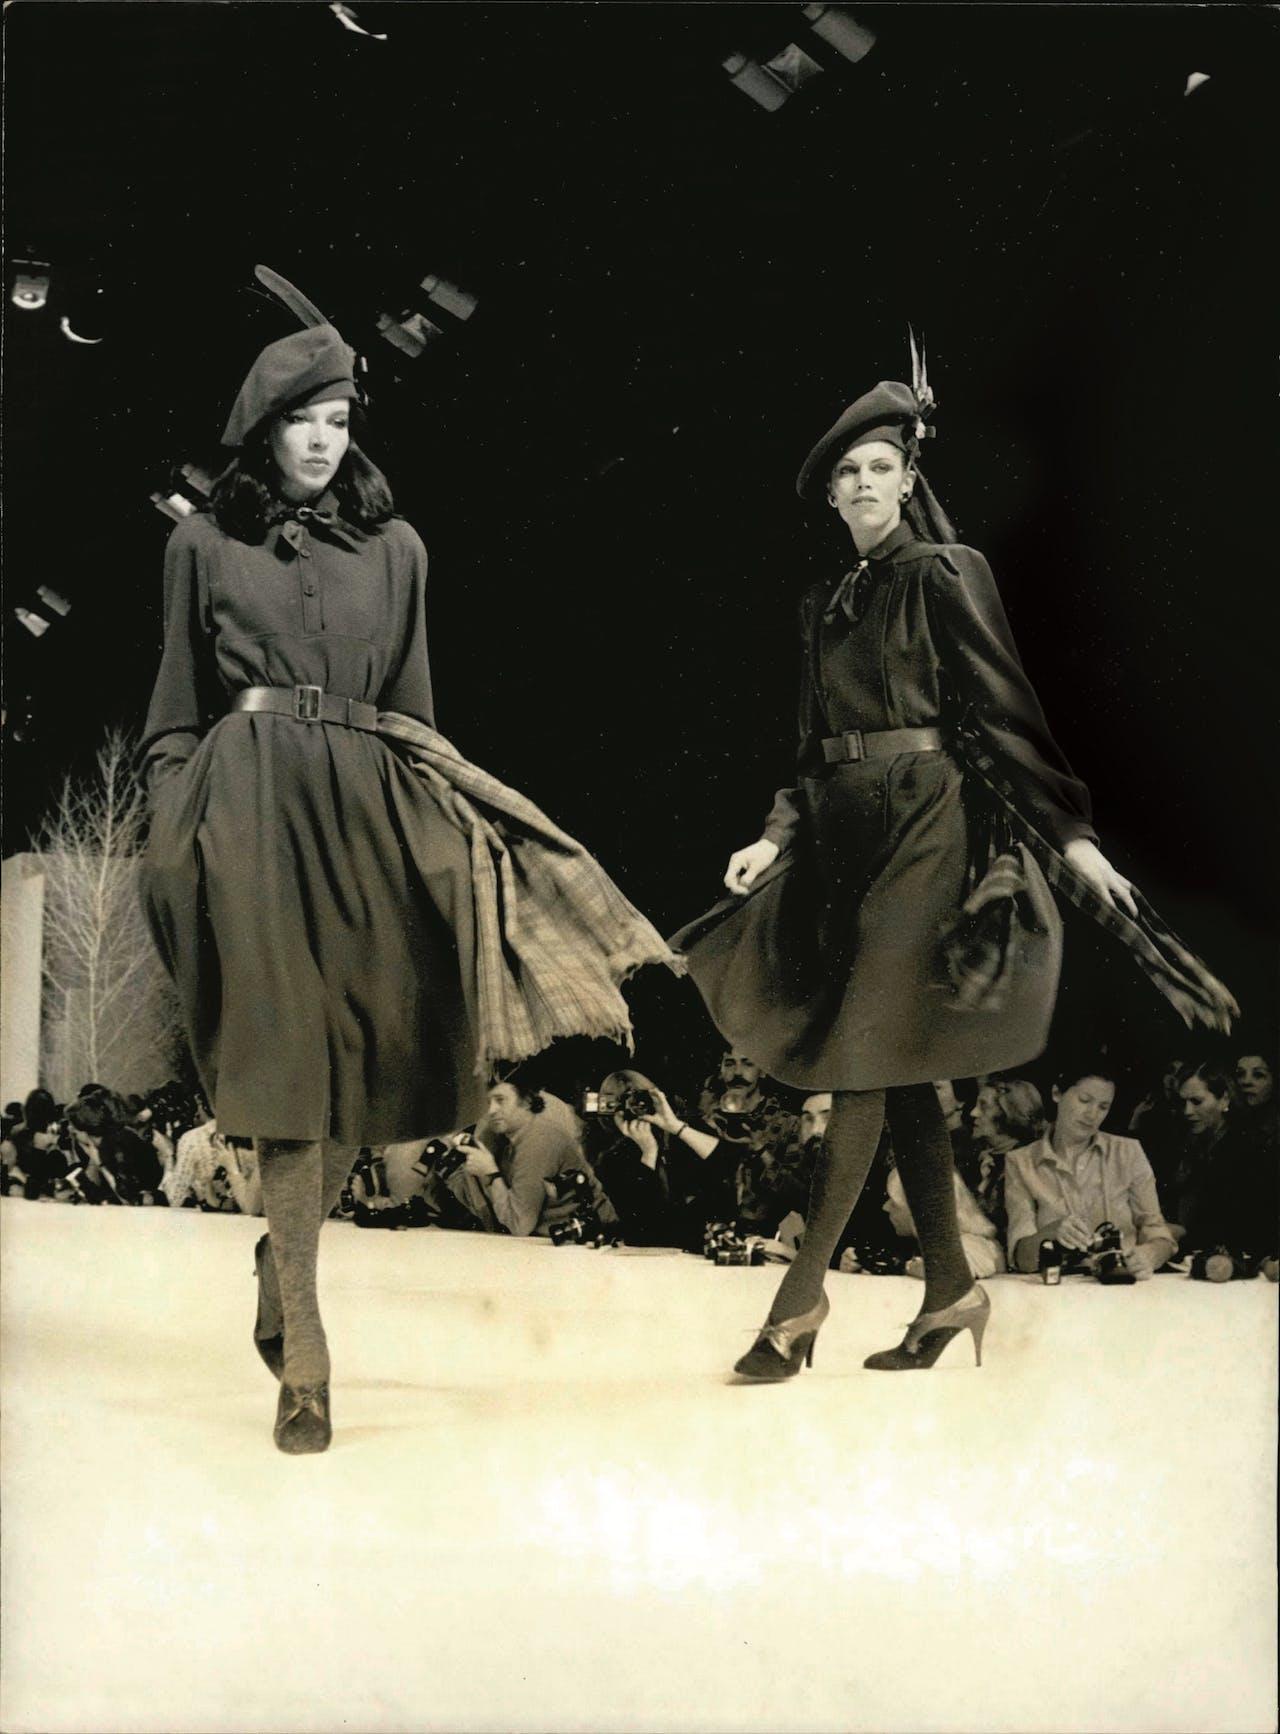 Najaarscollectie 1979. Marc Bohan stond 29 jaar aan het roer van Dior. Onder zijn leiding bleef de stijl van het huis vrouwelijk en veilig.